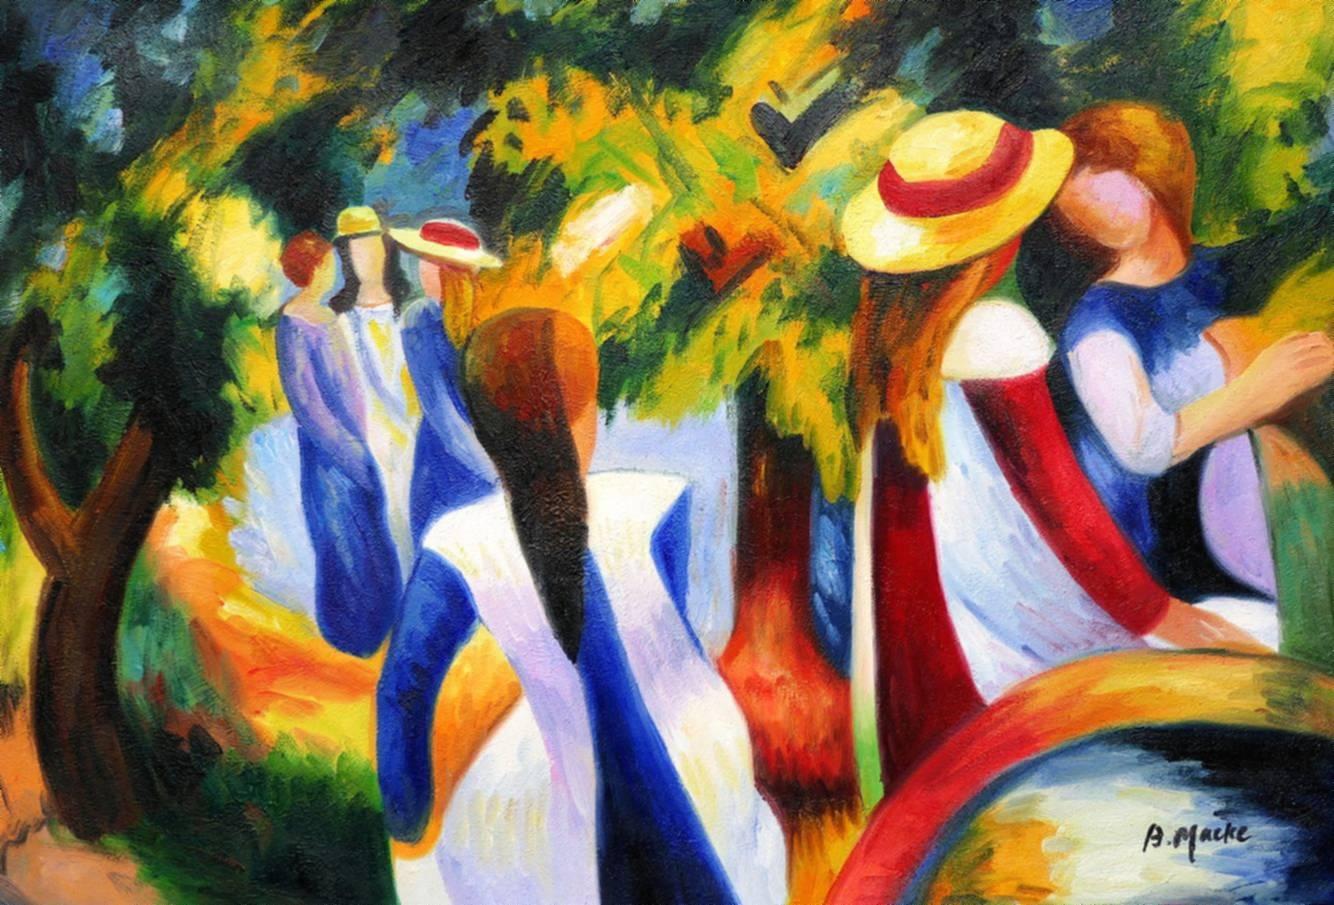 August Macke - Mädchen unter Bäumen d97088 60x90cm beeindruckendes Ölbild